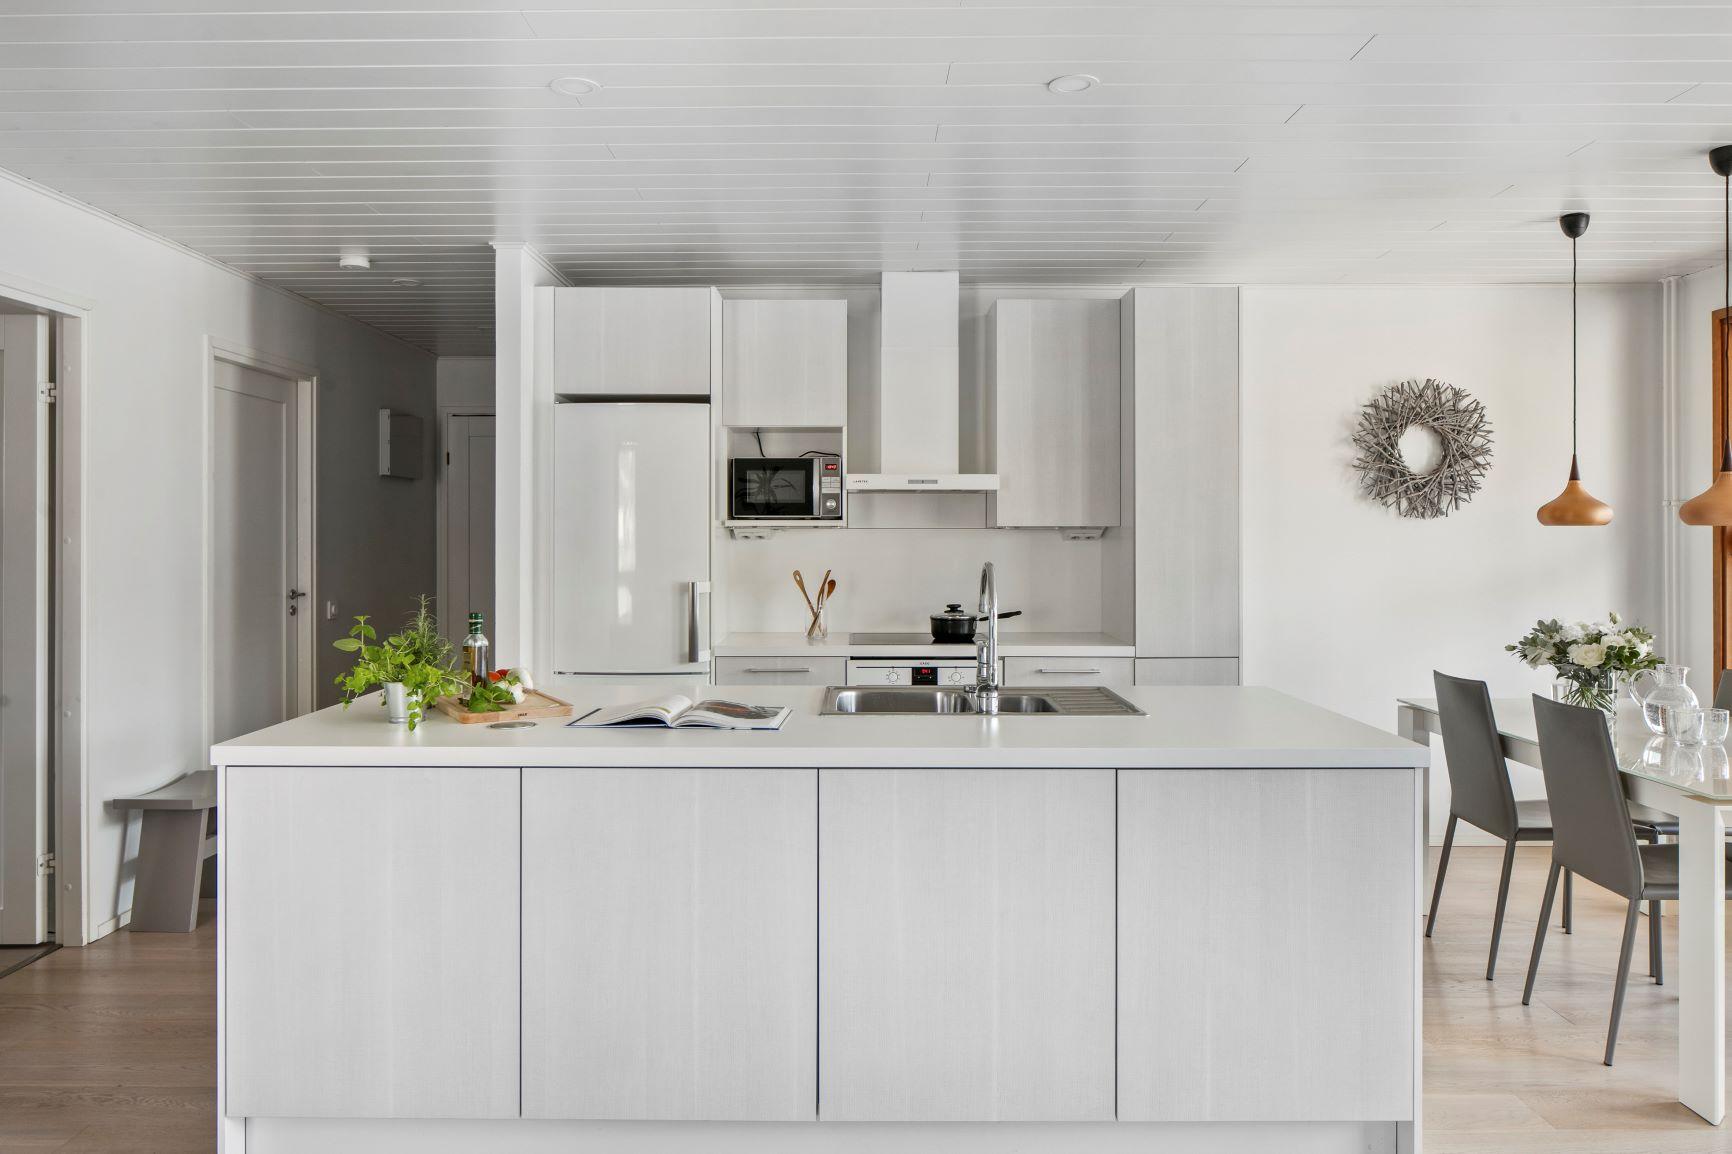 Valkoinen moderni keittiö suurella saarekkeella